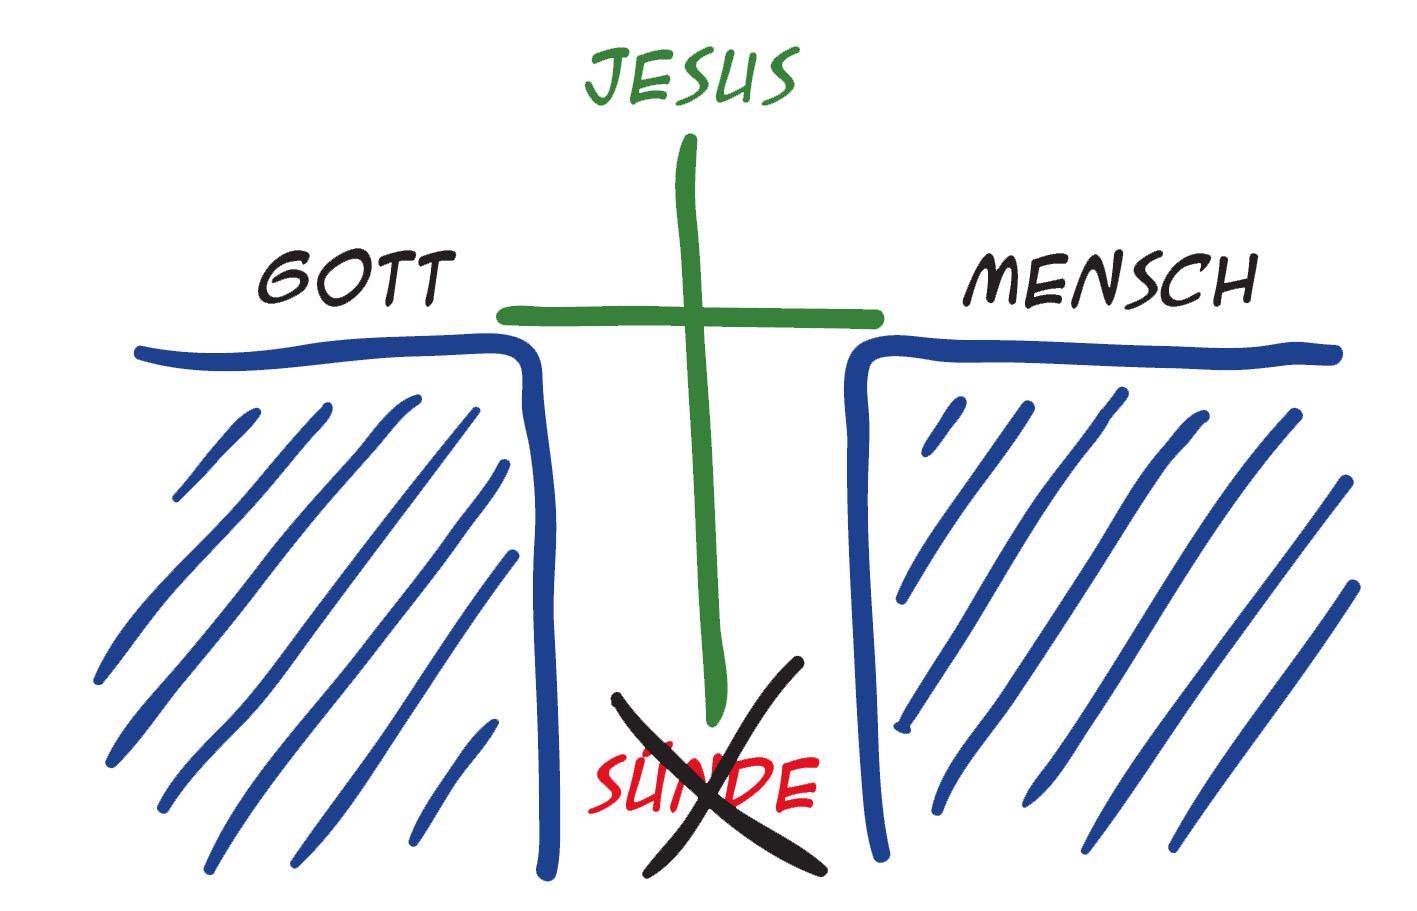 Schritt 3: Die Lösung - Das Kreuz